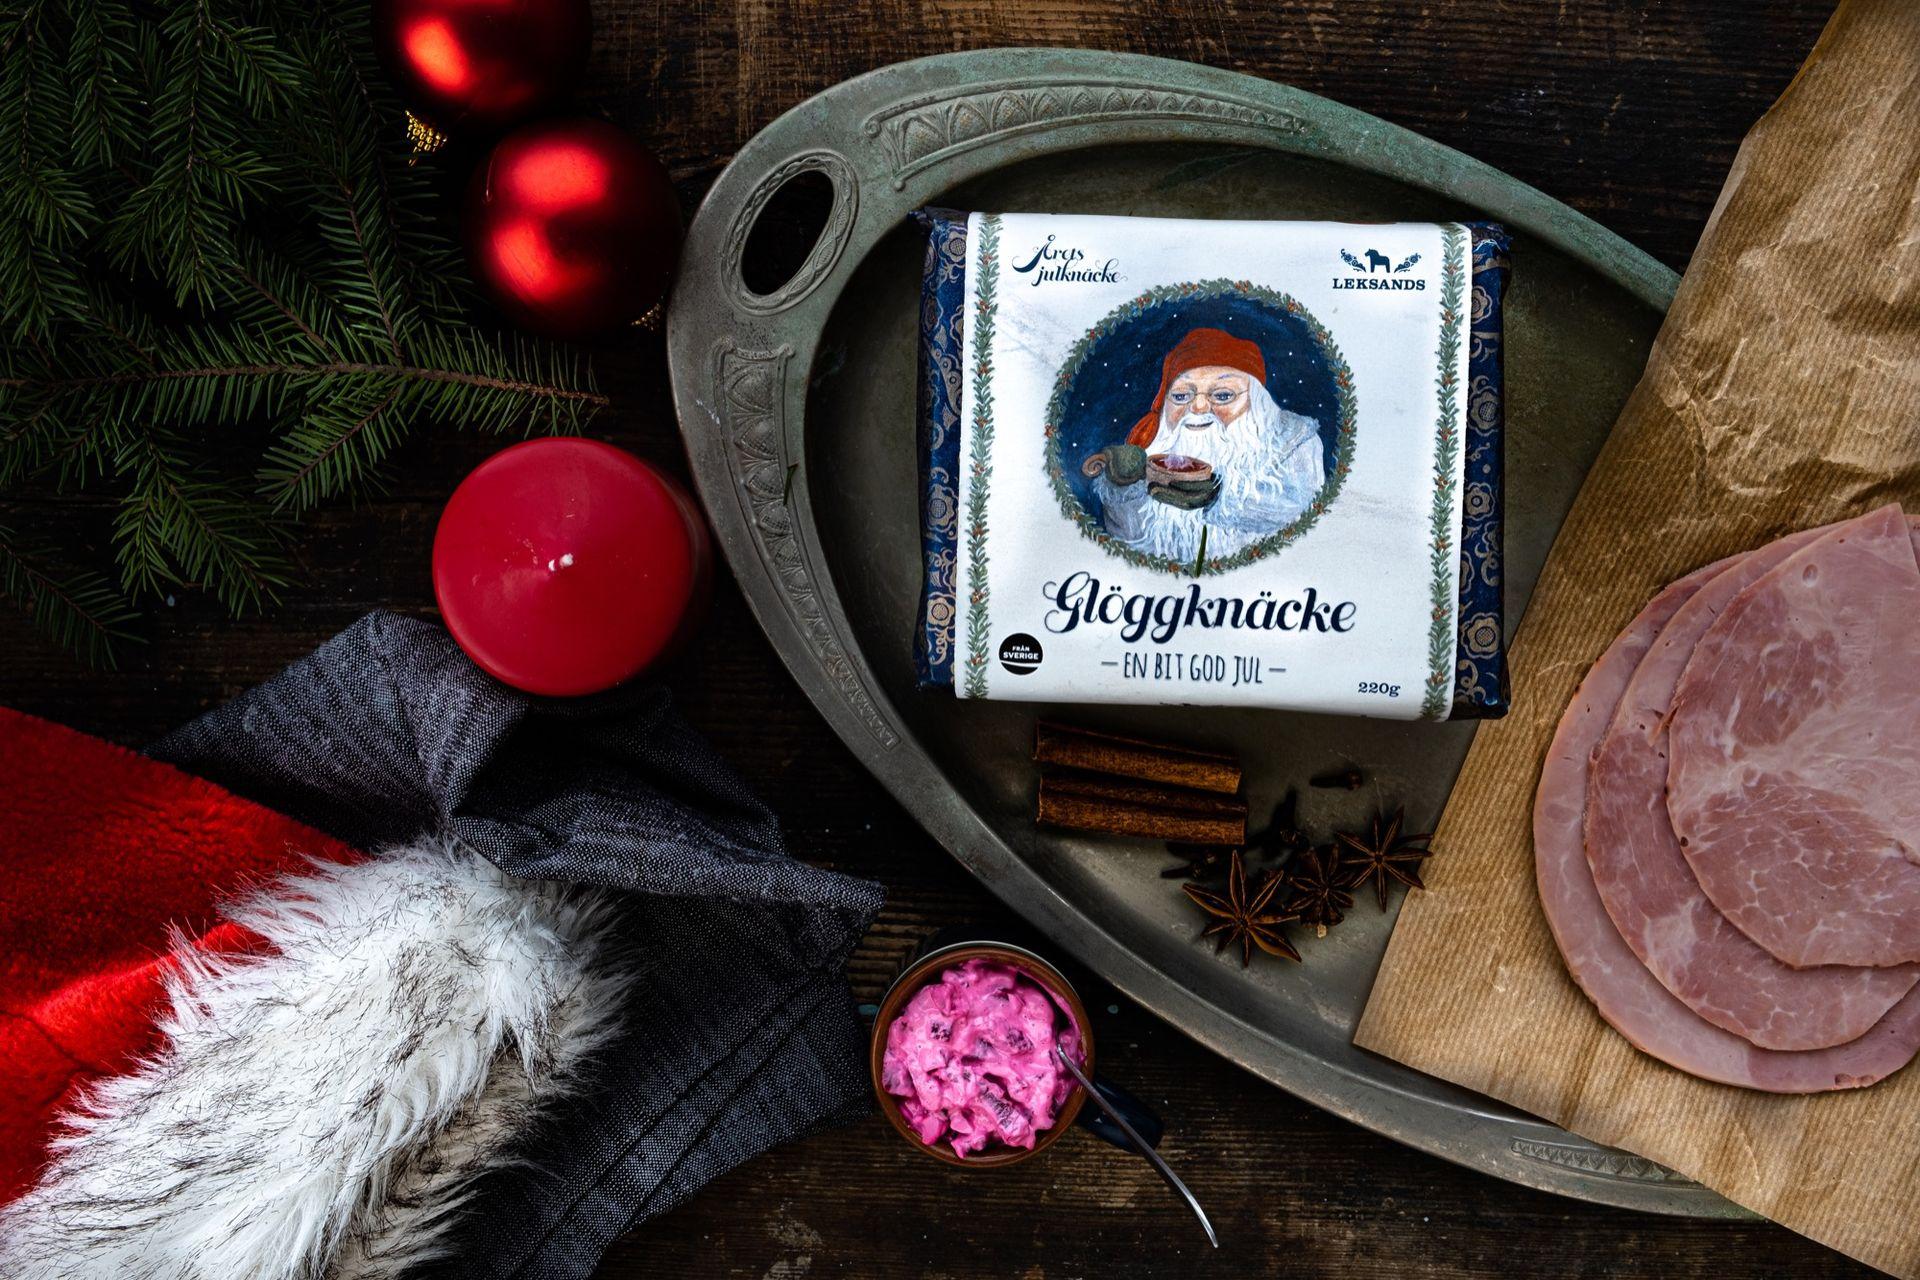 Årets julknäcke från Leksands smakar glögg